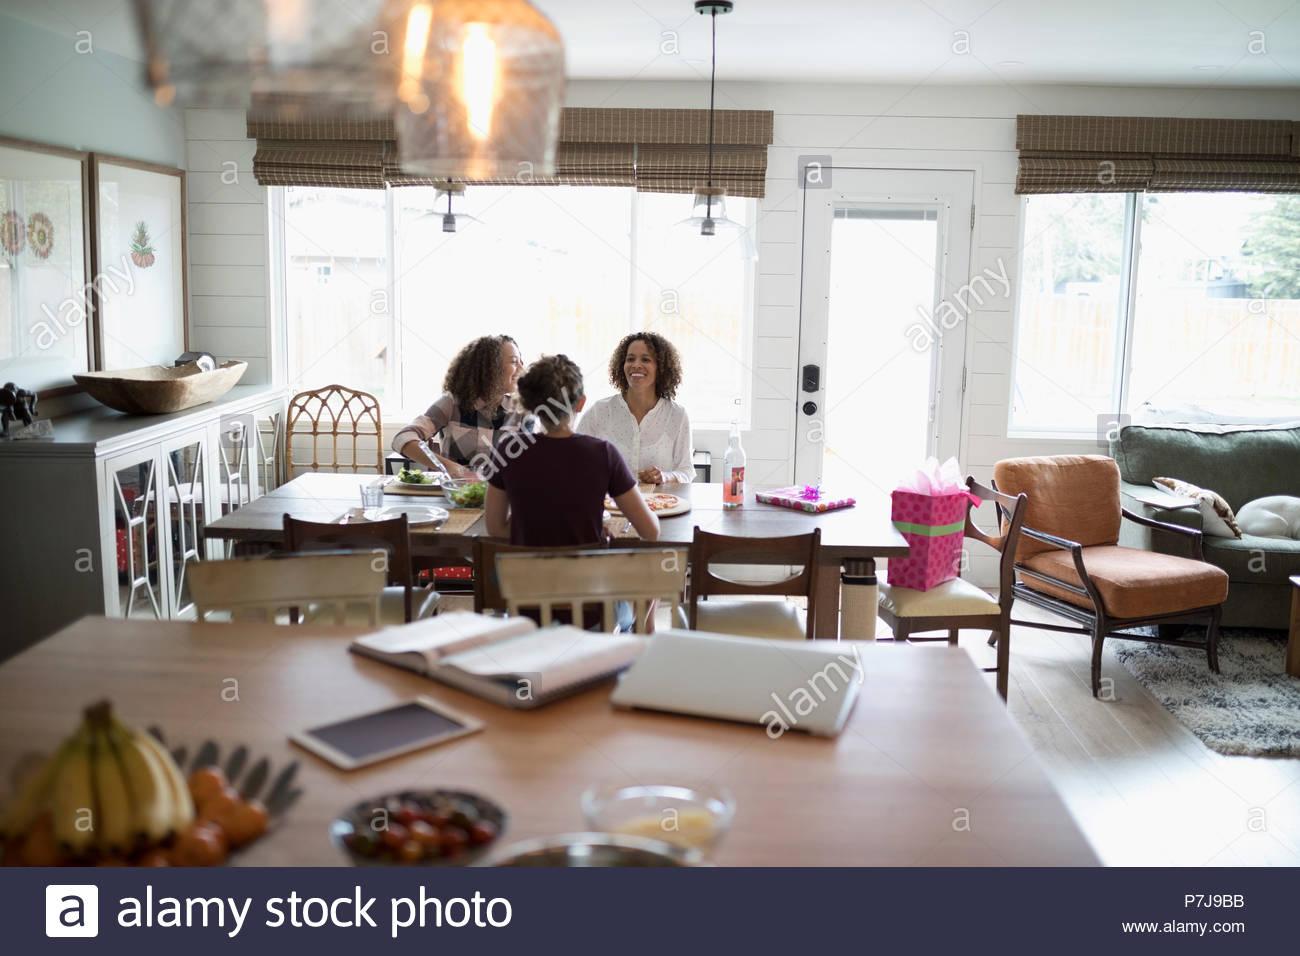 Mutter und Töchter geburtstag Mittagessen genießen. Stockbild